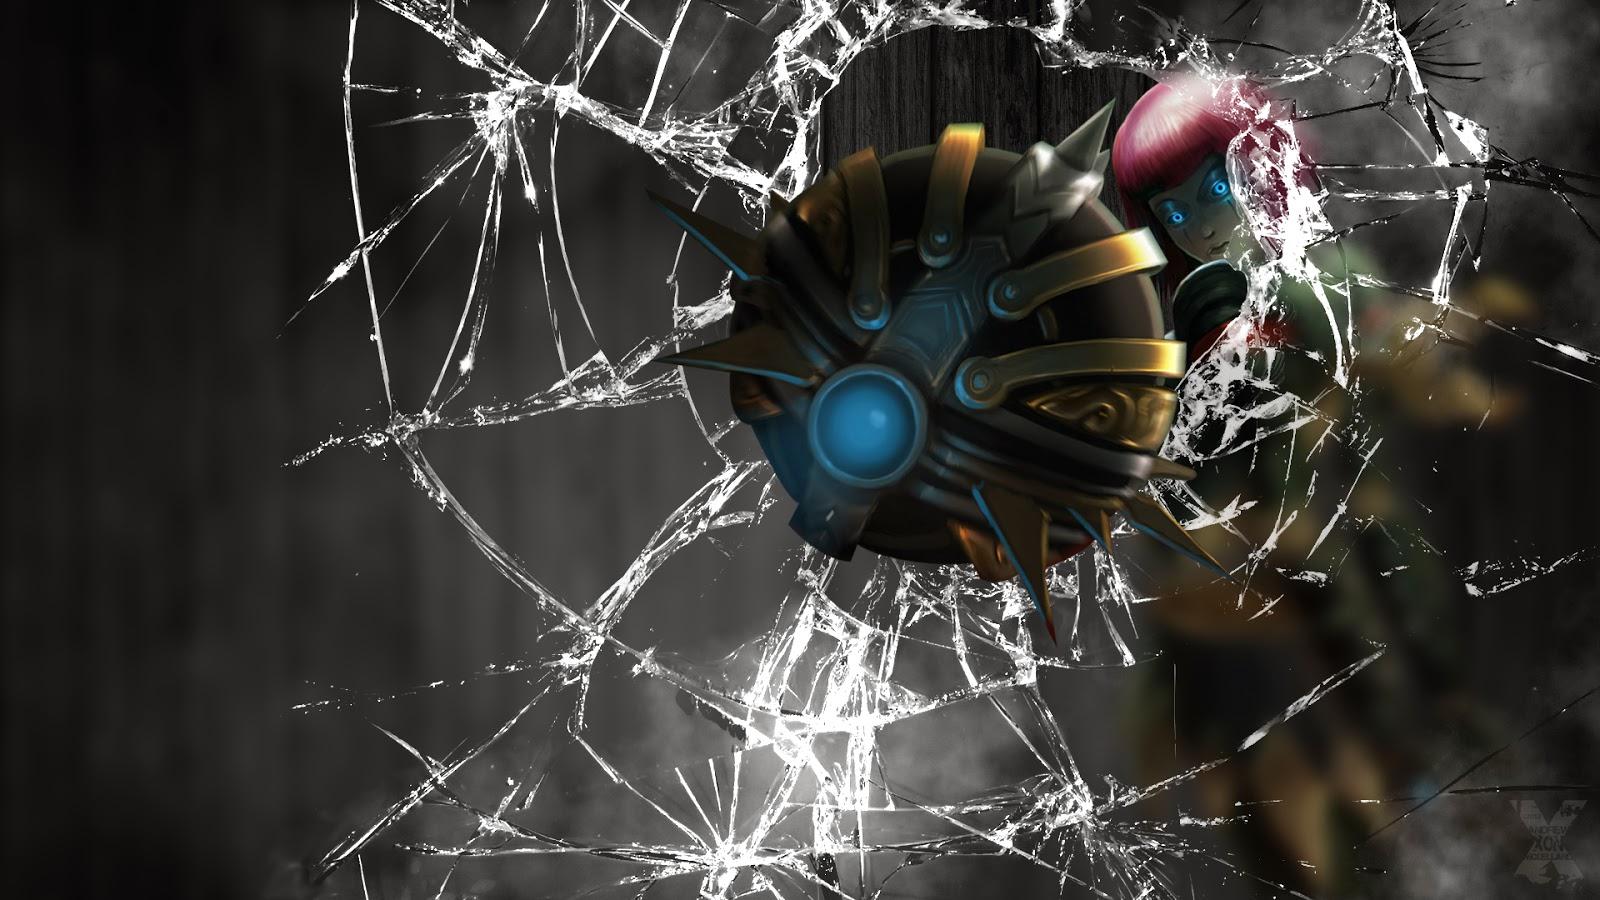 orianna broken window glass league of legends hd wallpaper